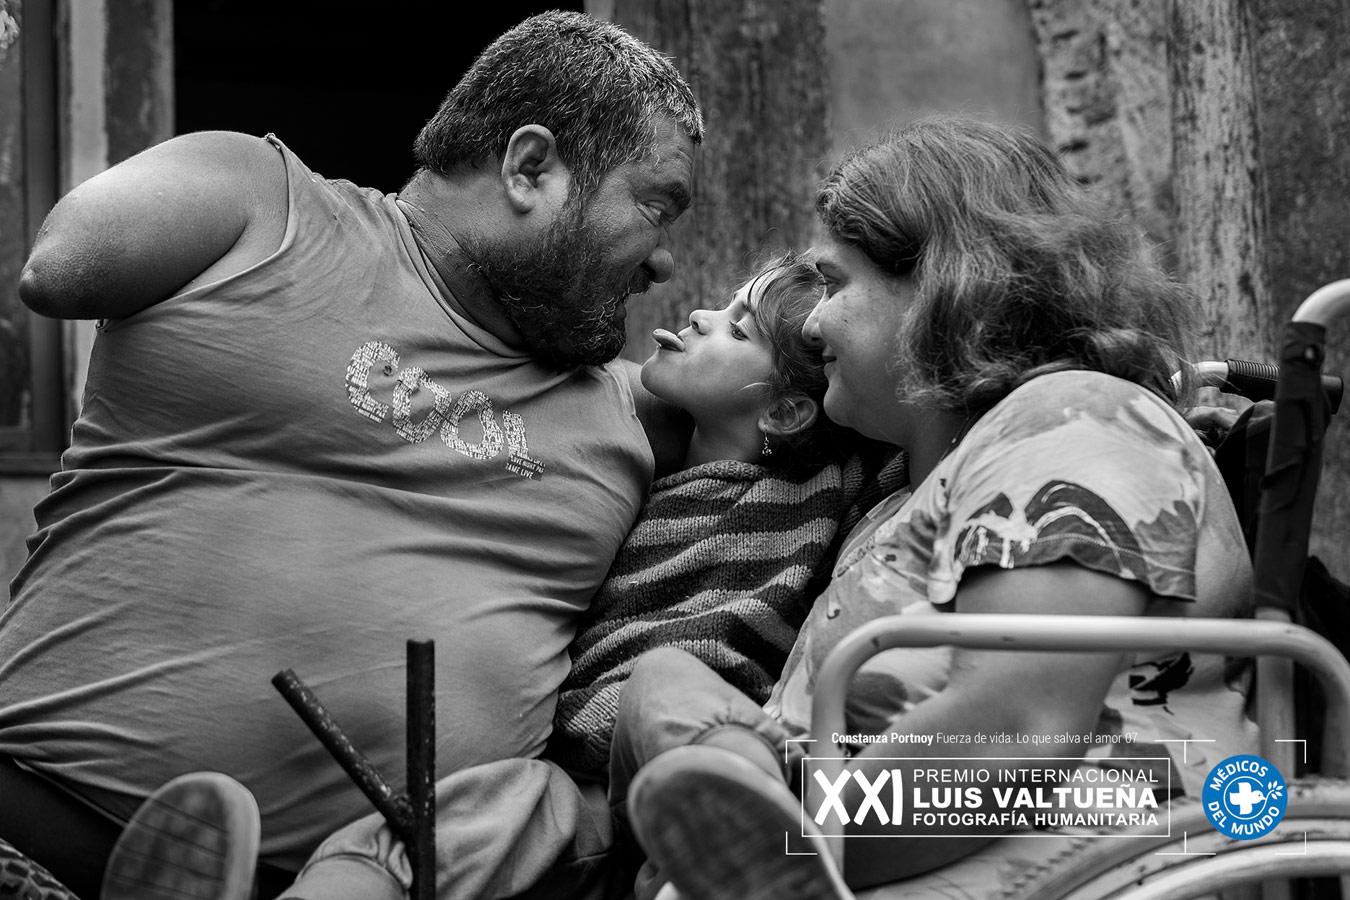 © Констанца Портной, Конкурс гуманитарной фотографии Луиса Вальтуэна — Luis Valtueña